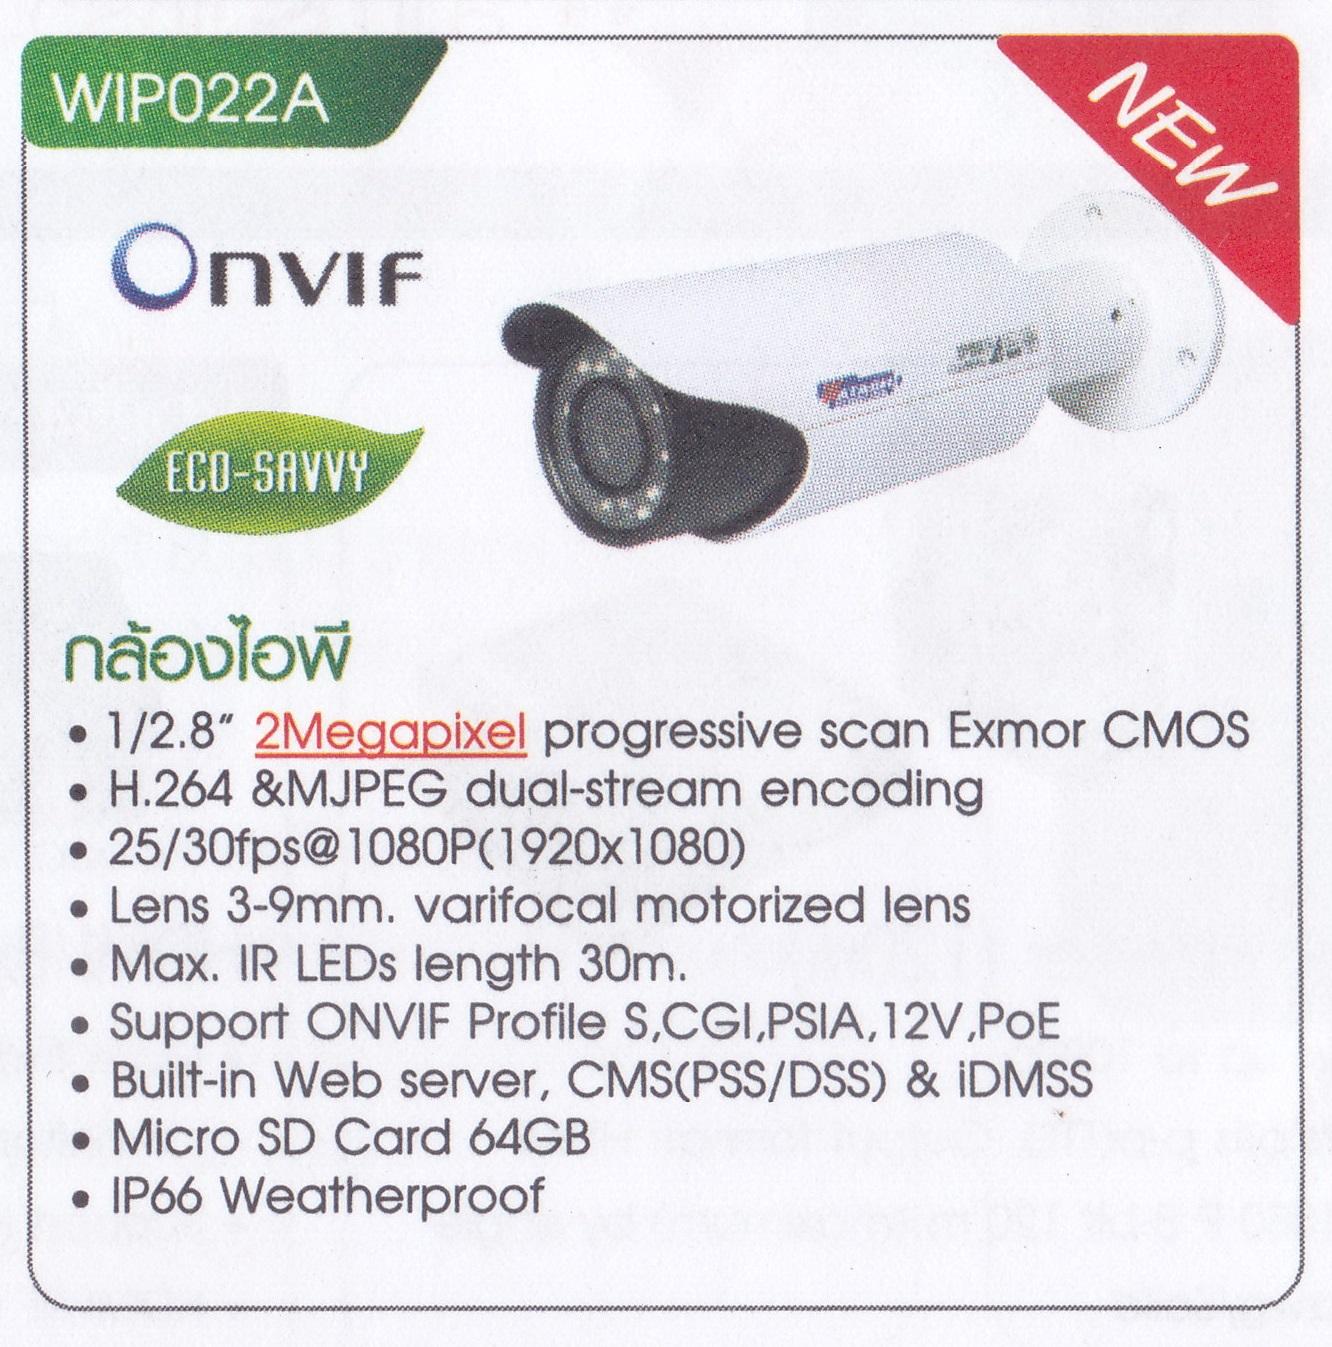 WIP022A